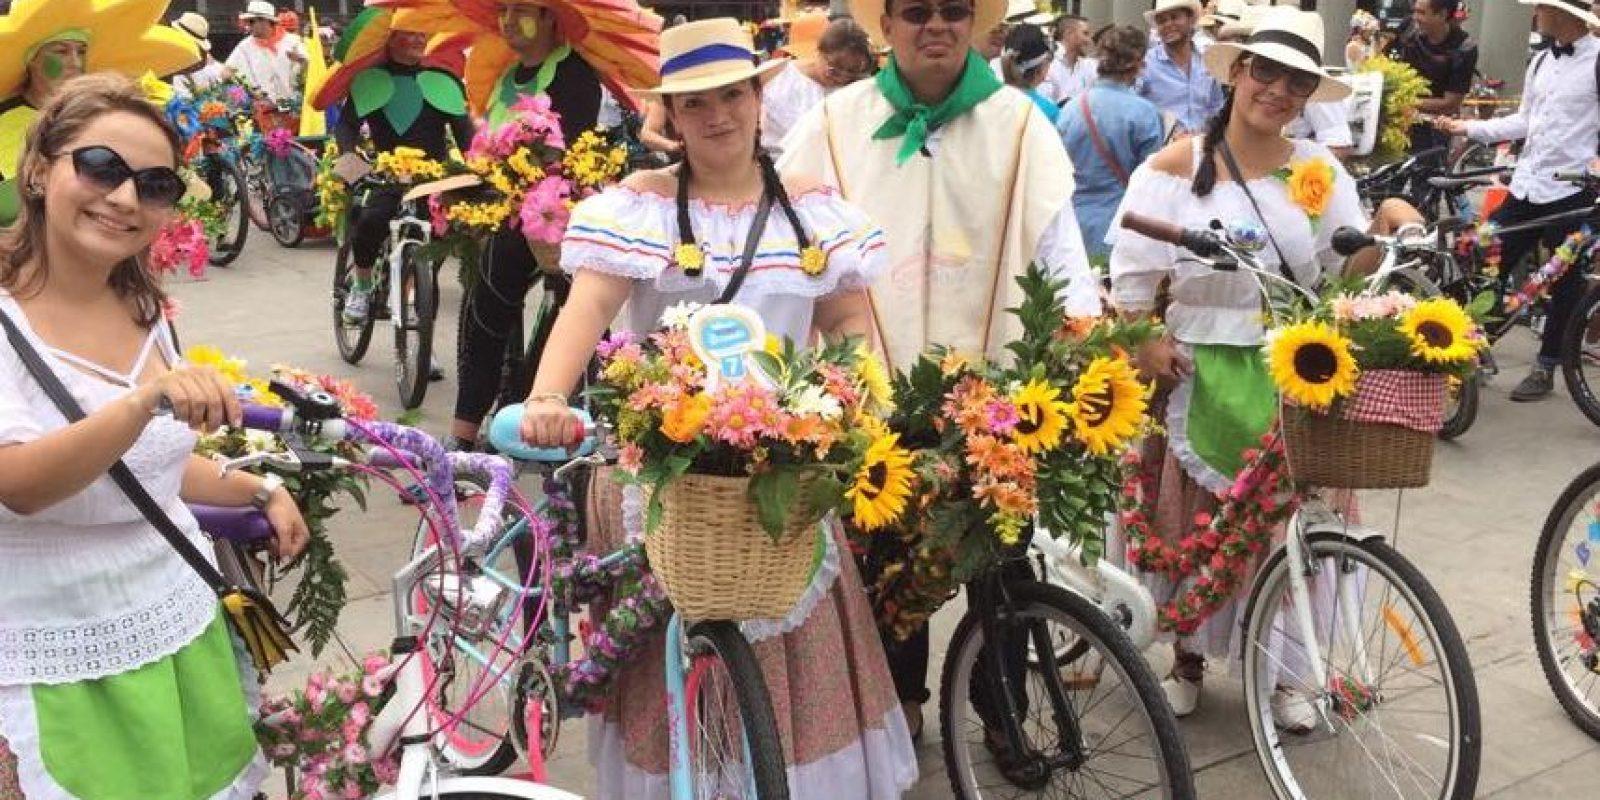 Feria a Ritmo de Bicicleta, encuentro es en el Parque de las Luces.